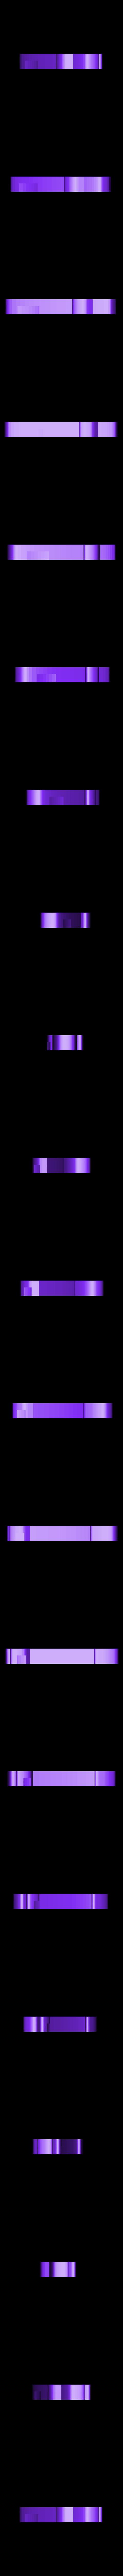 """T-2.stl Télécharger fichier STL gratuit LED light letters """"Why not?"""" • Objet pour impression 3D, dukedoks"""